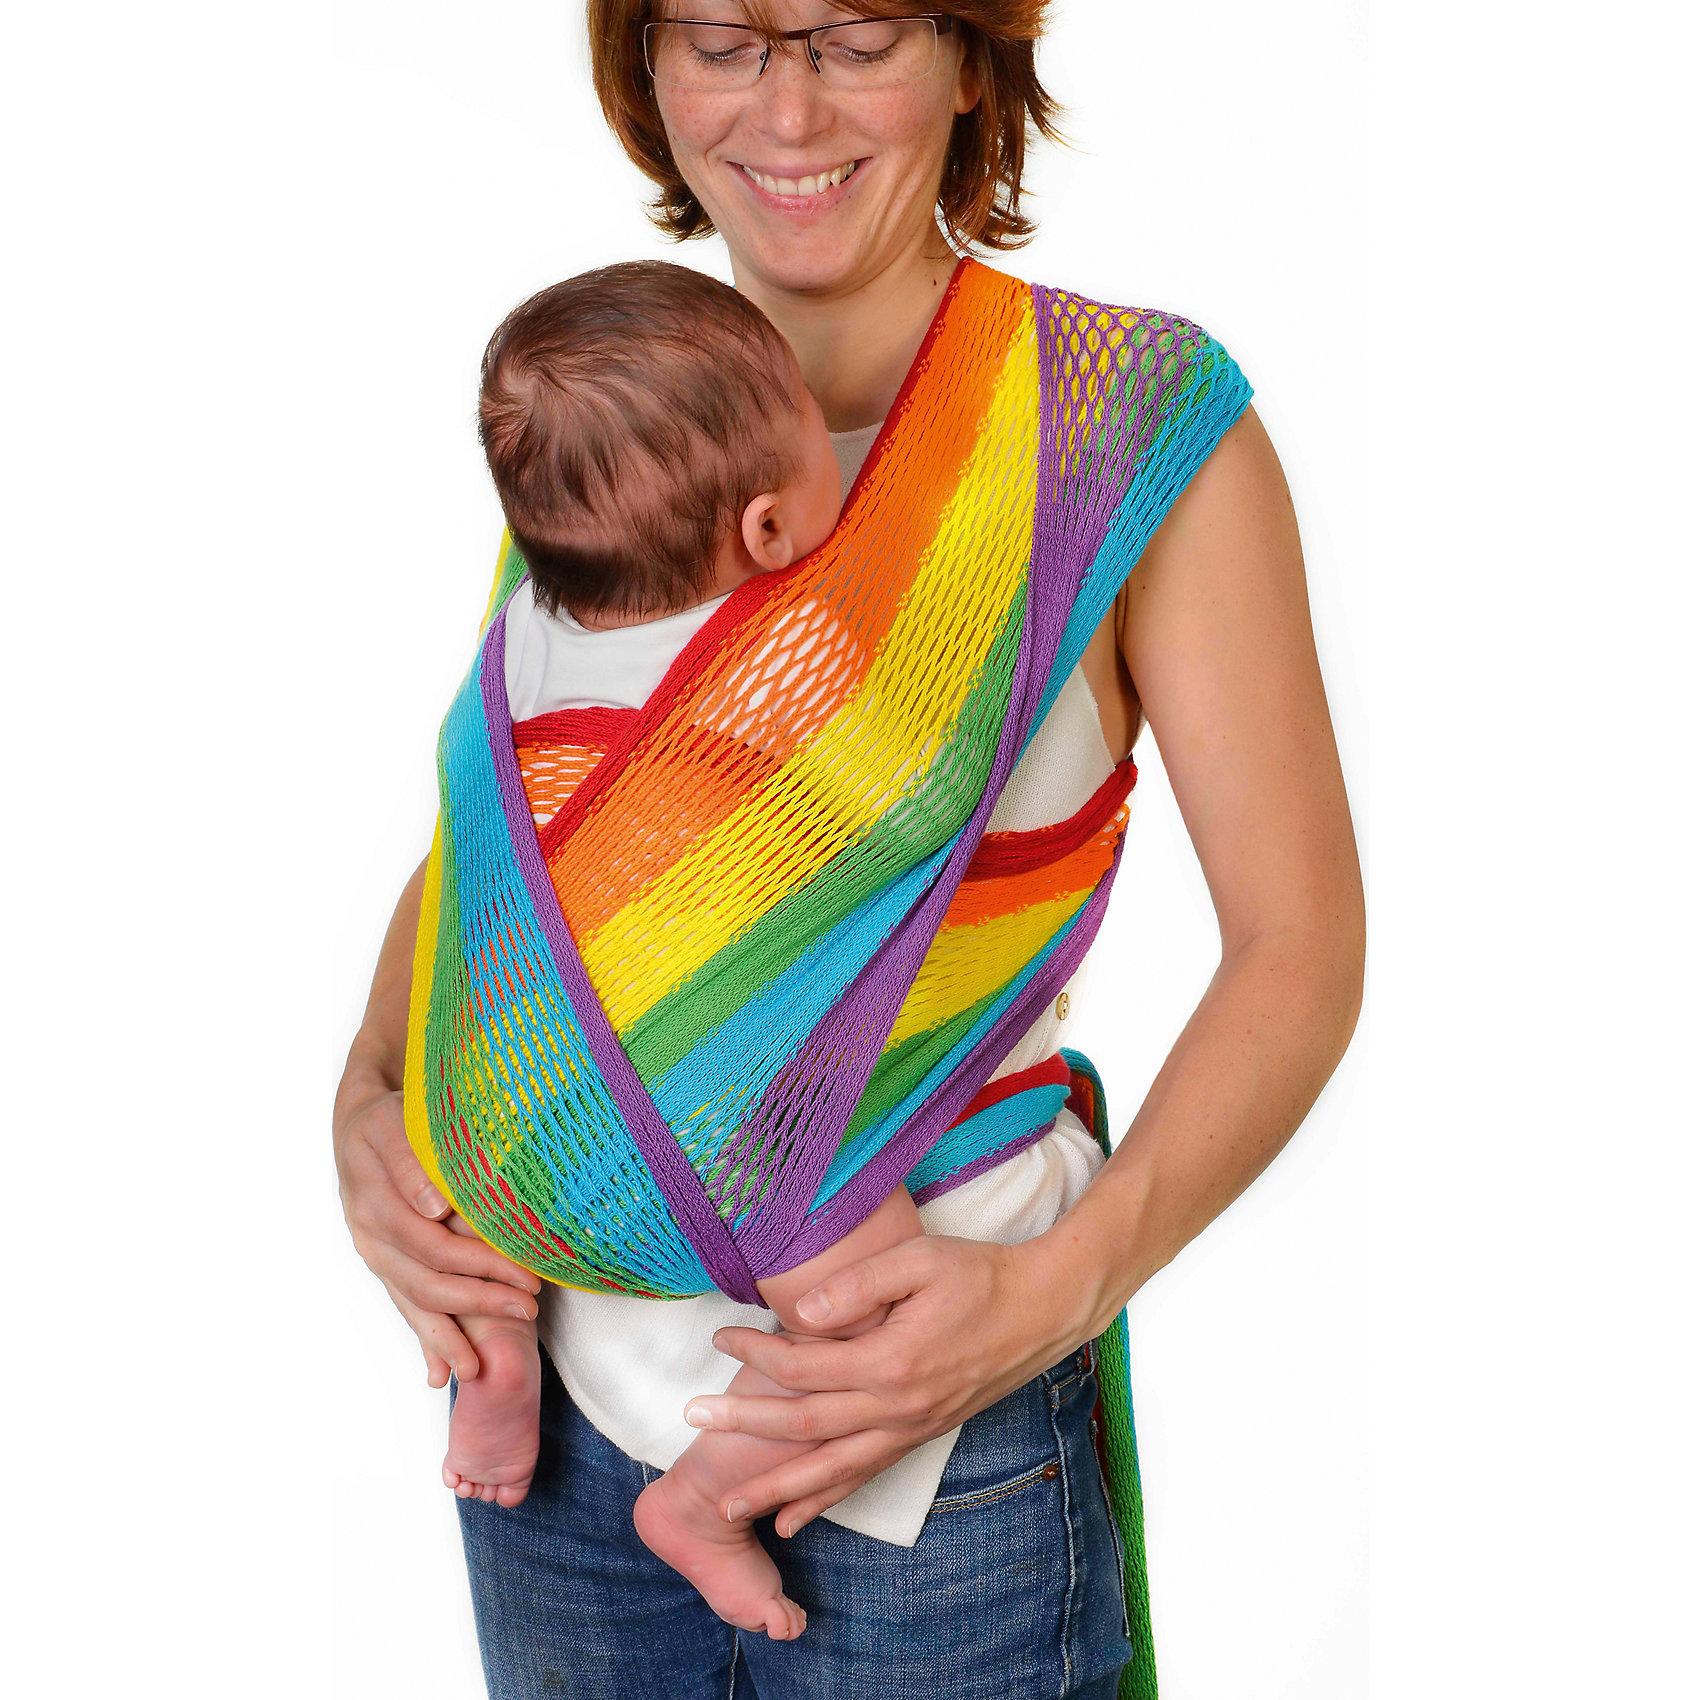 Слинг-шарф из хлопка плетеный размер l-xl, Филап, Filt, радугаСлинги и рюкзаки-переноски<br>Характеристики:<br><br>• разработан совместно с врачами-ортопедами;<br>• обеспечивает оптимальную поддержку ребенка;<br>• легко наматывается;<br>• два способа намотки: «простой крест» и «двойной крест»;<br>• равномерно распределяет нагрузку на спину;<br>• основное положение: лицом к маме;<br>• подходит для автоматической стирки при температуре 30 градусов;<br>• сумочка в комплекте;<br>• цвет: радуга;<br>• материал: хлопок;<br>• возраст ребенка: 3 месяца-2 года (до 15 кг);<br>• размер слинга: 4,8х0,5 м;<br>• размер упаковки: 24х26х7 см;<br>• вес: 430 грамм;<br>• страна бренда: Франция.<br><br>Слинг-шарф FilUp - прекрасный вариант для любого сезона. Главная особенность модели - сетчатое плетение из натурального хлопка. Такой вид полотна не позволит ребенку перегреться за счет отсутствия дополнительного слоя ткани, свойственного для обычных слингов.<br><br>Возможны три положения ребенка в слинге: лицом к маме, на боку и за спиной. Полотно слинг-шарфа легко растягивается и обладает необходимой упругостью для правильной посадки ребенка.<br><br>Концы слинга сделаны более узкими, чтобы вы могли убрать лишнюю ткань. Средняя, более широкая часть поддерживает ножки ребенка в позе «лягушки», что немаловажно для правильного развития тазобедренных суставов. <br><br>Слинг-шарф подходит для ручной и автоматической стирки при температуре 30 градусов.Длина полотна - 4,8 метра. Ширина полотна - 0,5 метра. Подходит для детей от 3-4-х месяцев до 1,5-2-х лет (весом до 15 килограммов).В комплект входит сумочка-авоська, которая подойдет для бутылочек, салфеток и прочих необходимых предметов.<br><br>Слинг-шарф из хлопка плетеный размер l-xl, Филап, Filt (Филт), радуга можно купить в нашем интернет-магазине.<br><br>Ширина мм: 800<br>Глубина мм: 800<br>Высота мм: 50<br>Вес г: 500<br>Возраст от месяцев: 0<br>Возраст до месяцев: 12<br>Пол: Унисекс<br>Возраст: Детский<br>SKU: 5445105